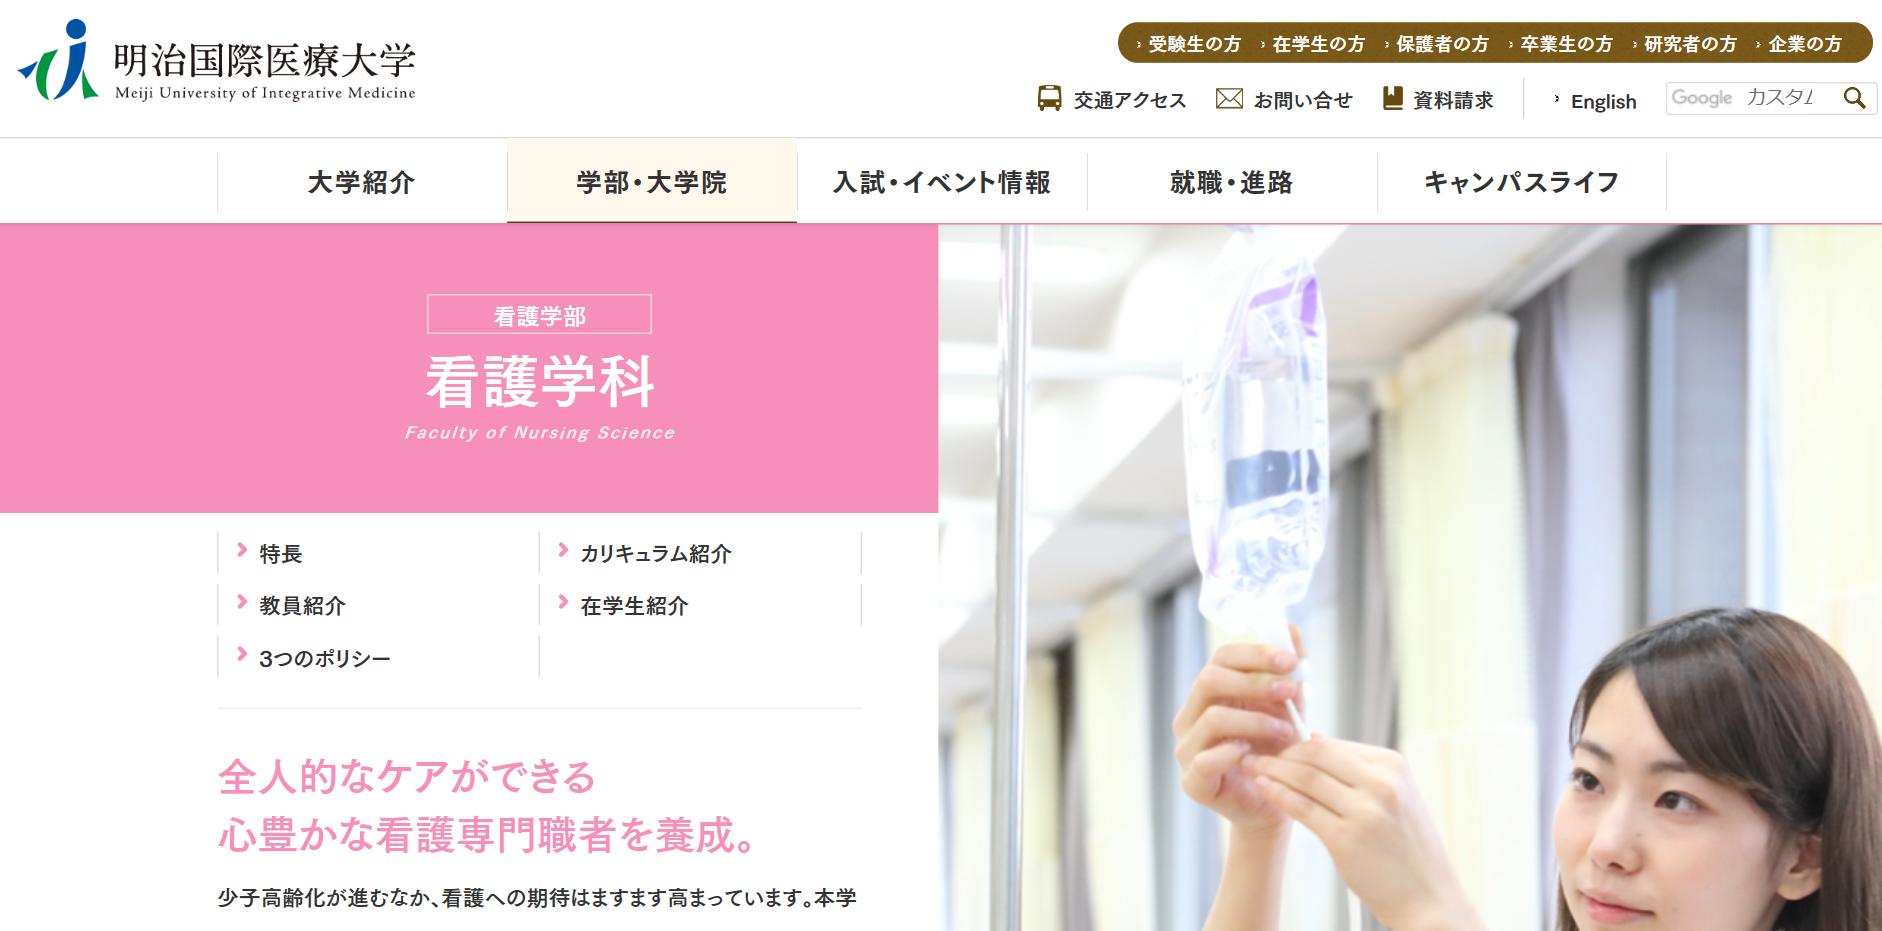 明治国際医療大学の評判・口コミ【看護学部編】